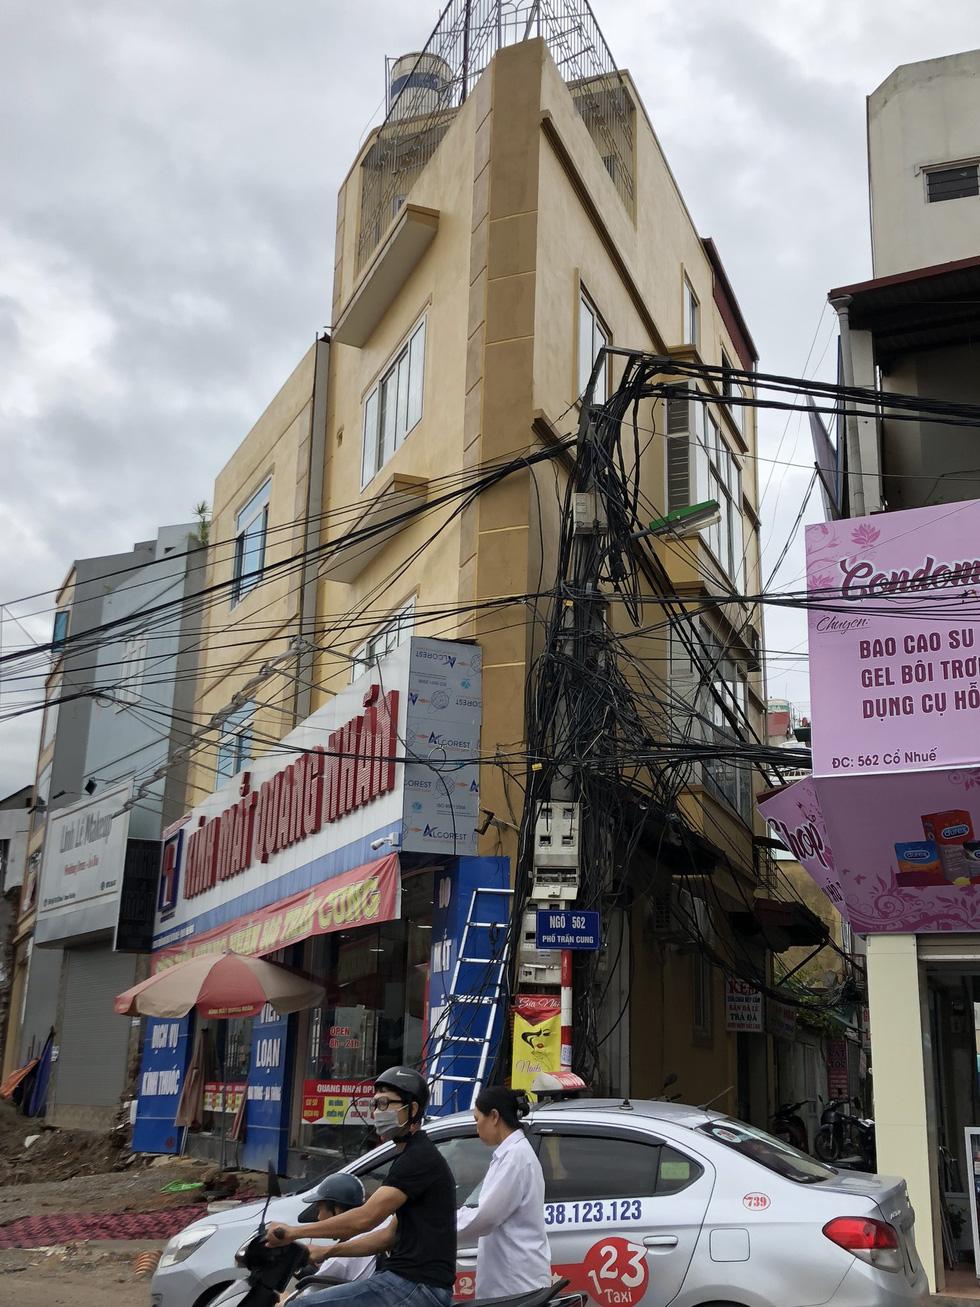 Những ngôi nhà kì dị chỉ có ở phố Phạm Văn Đồng - Ảnh 5.